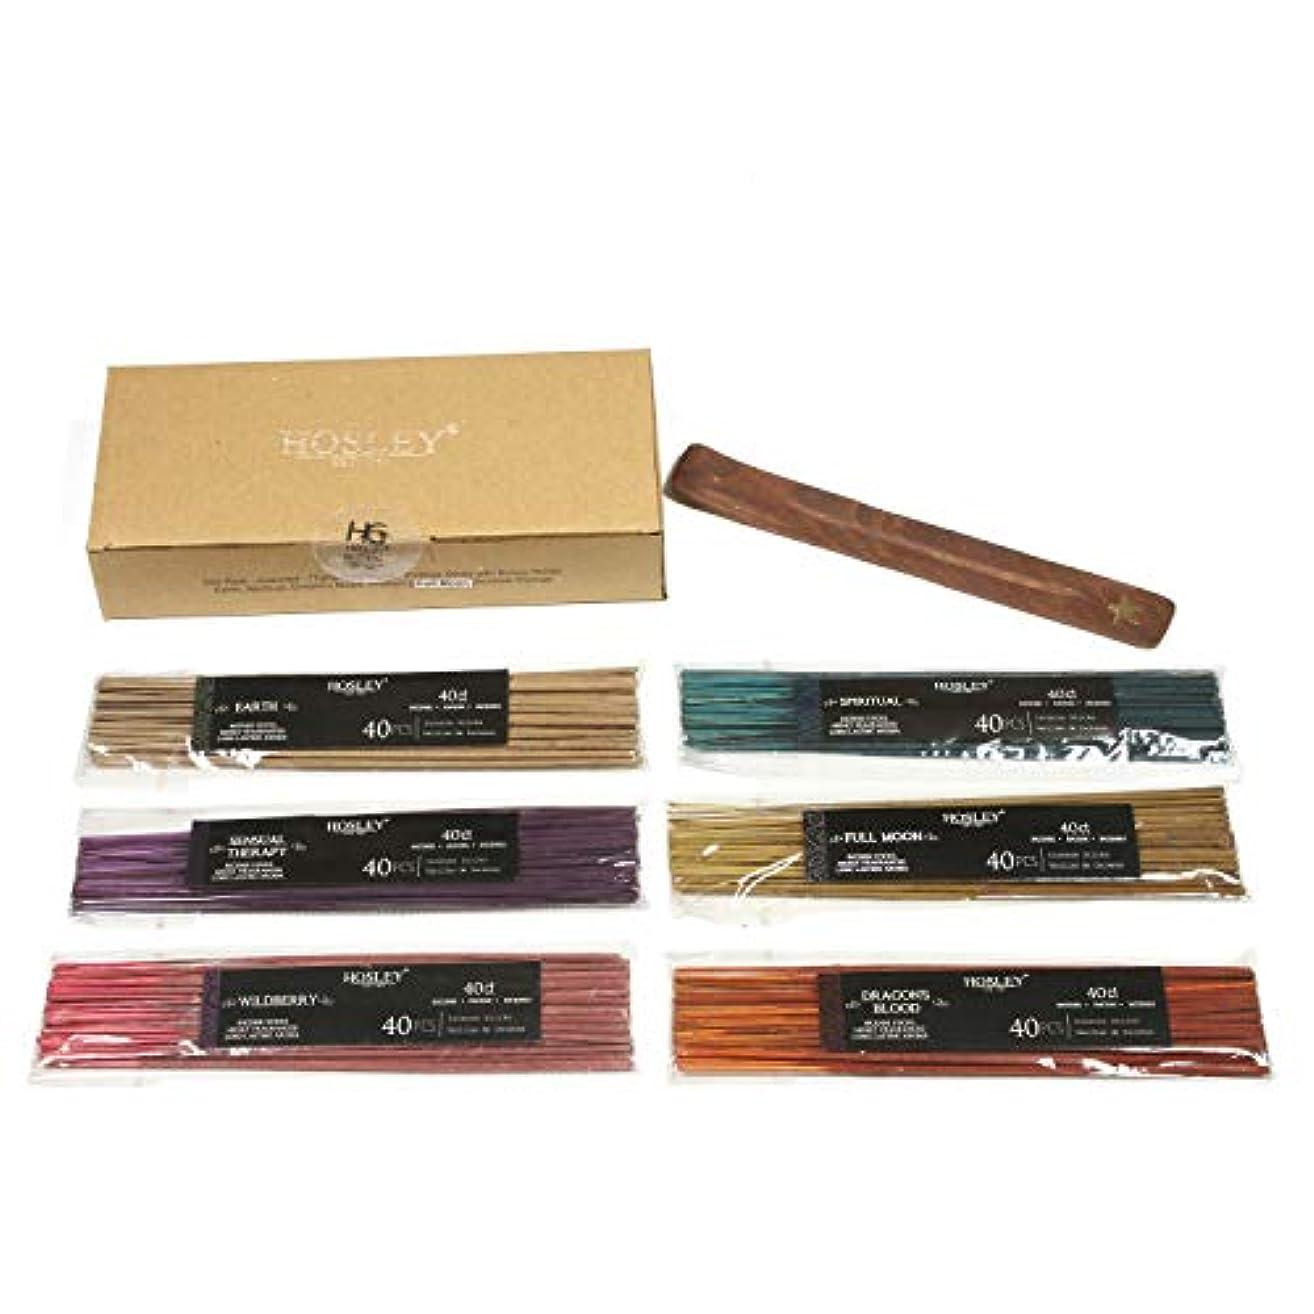 避けられないモーテル国歌Aromatherapy Hosley's 240 Pack Assorted Highly Fragranced Incense Sticks - Dragon's Blood, Earth, Full Moon, Sensual...